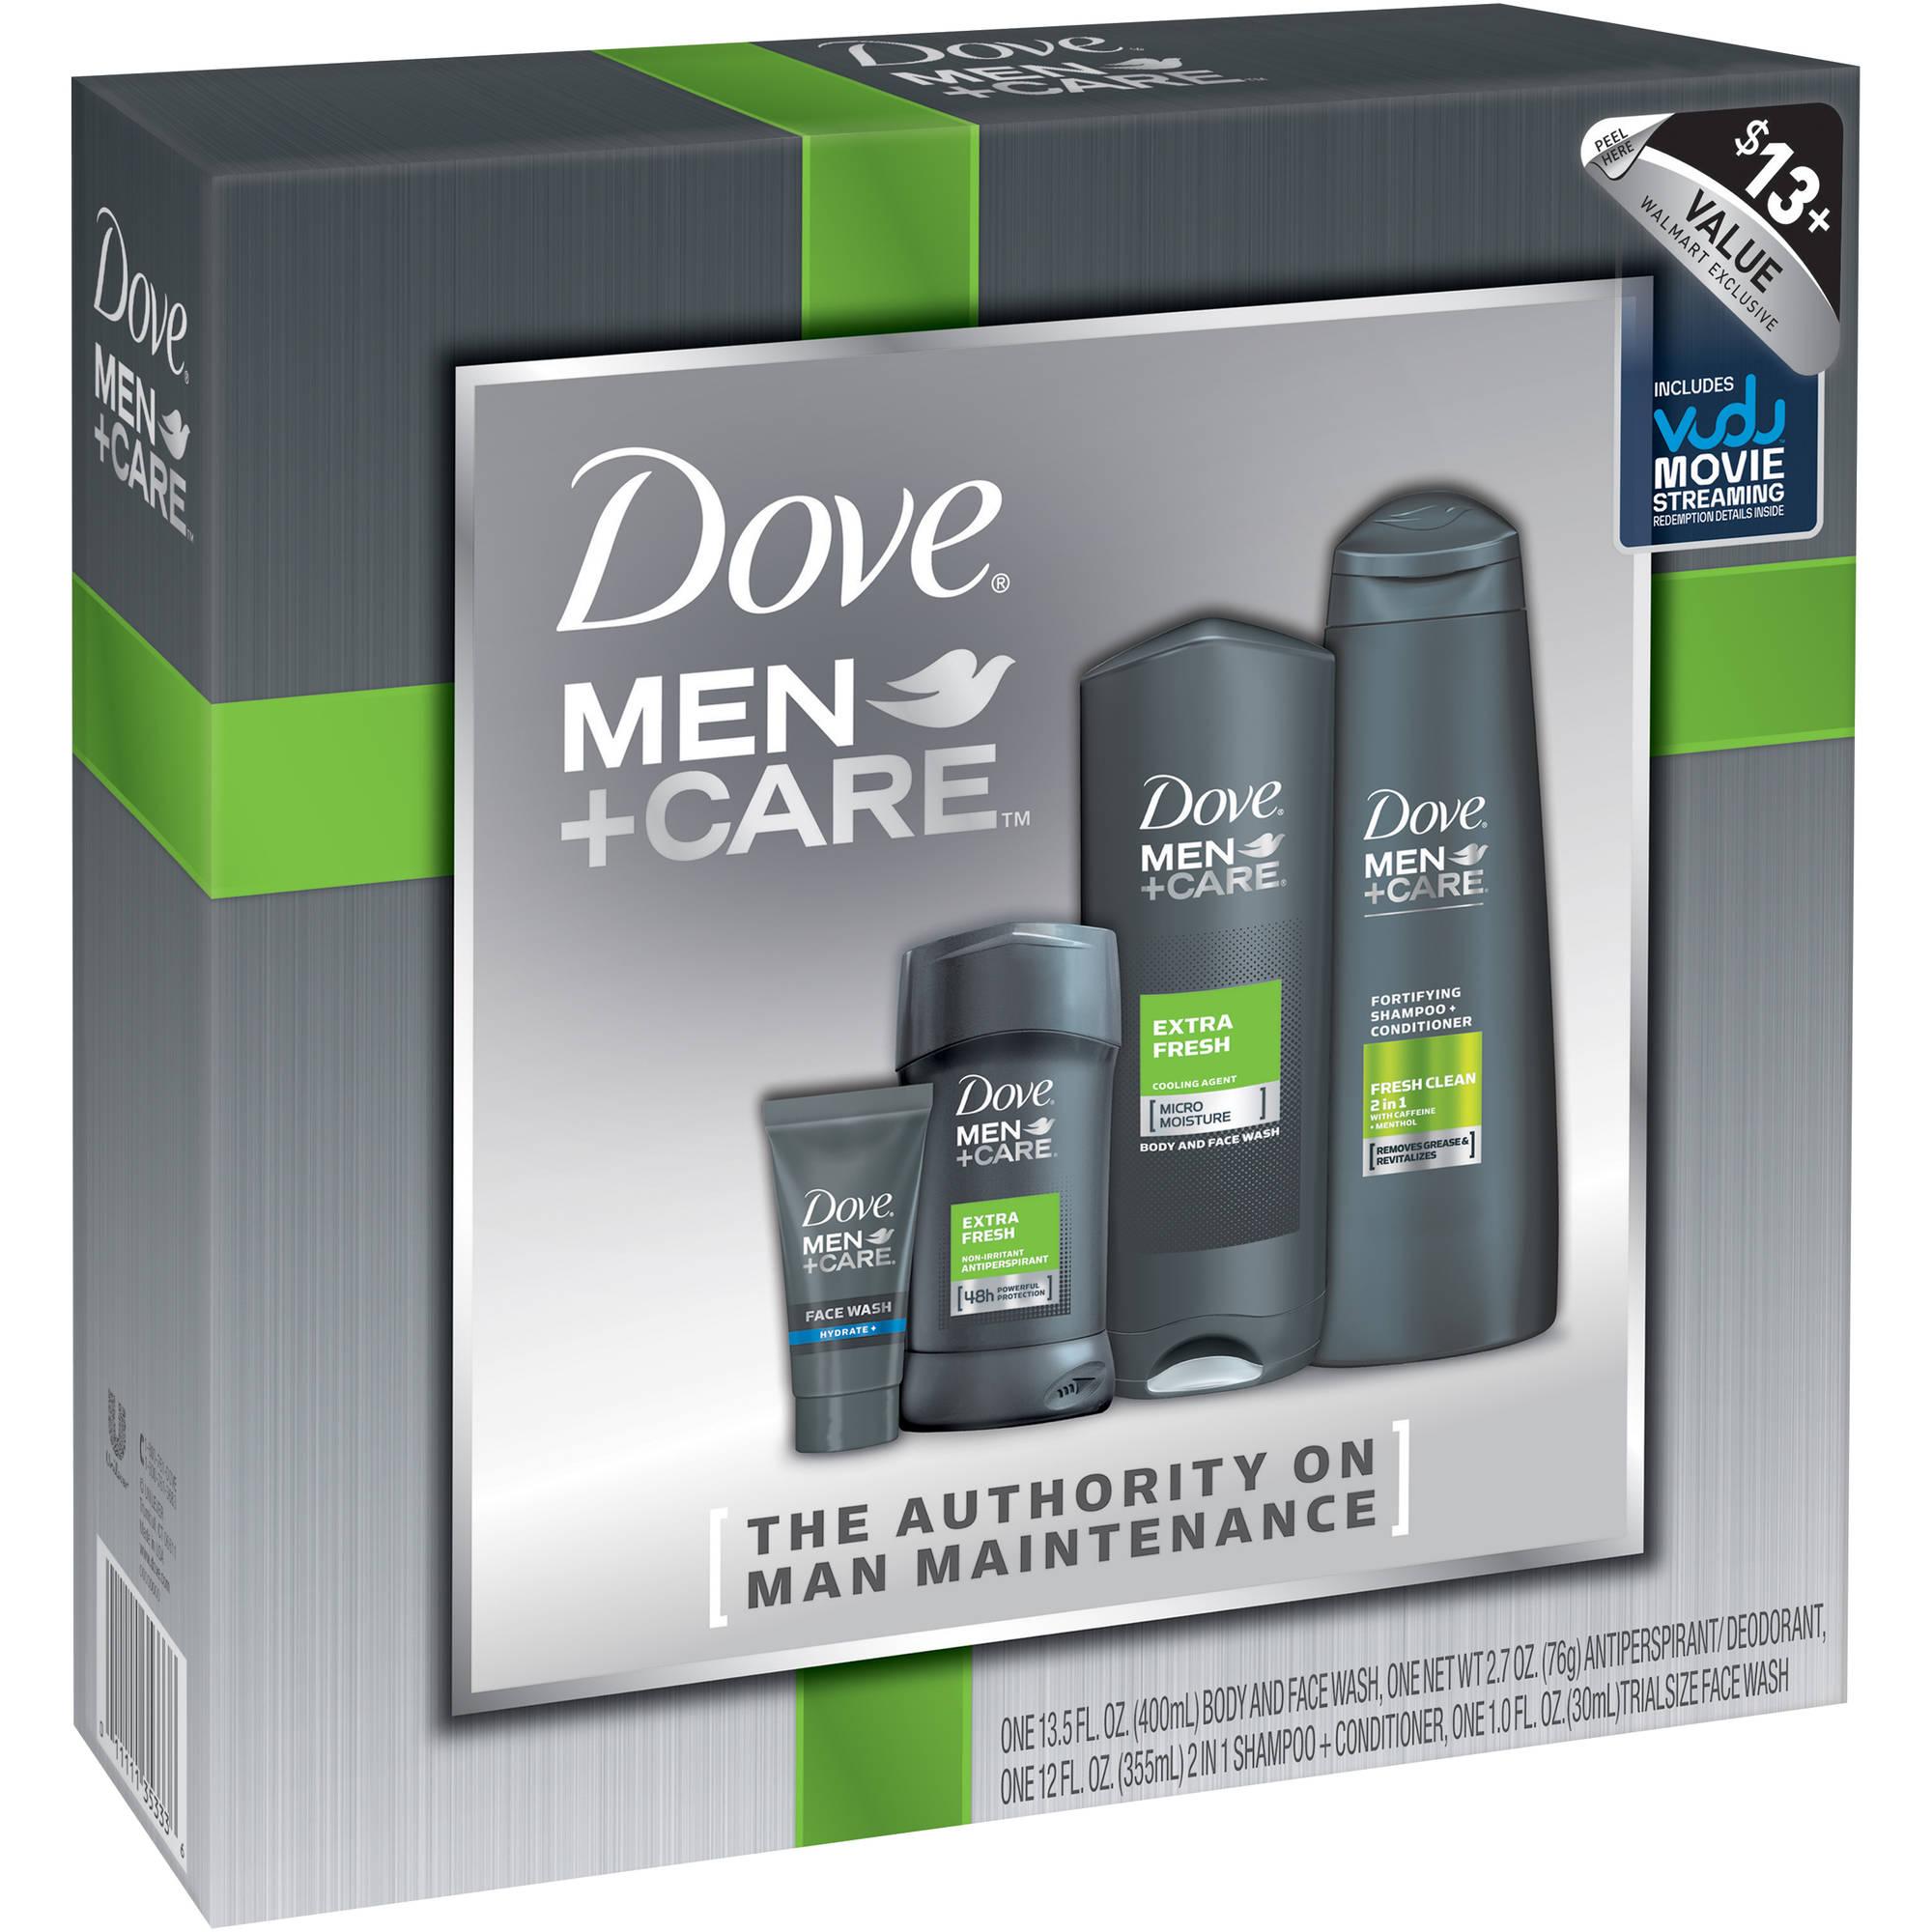 Dove Men+Care Gift Set, 4 pc